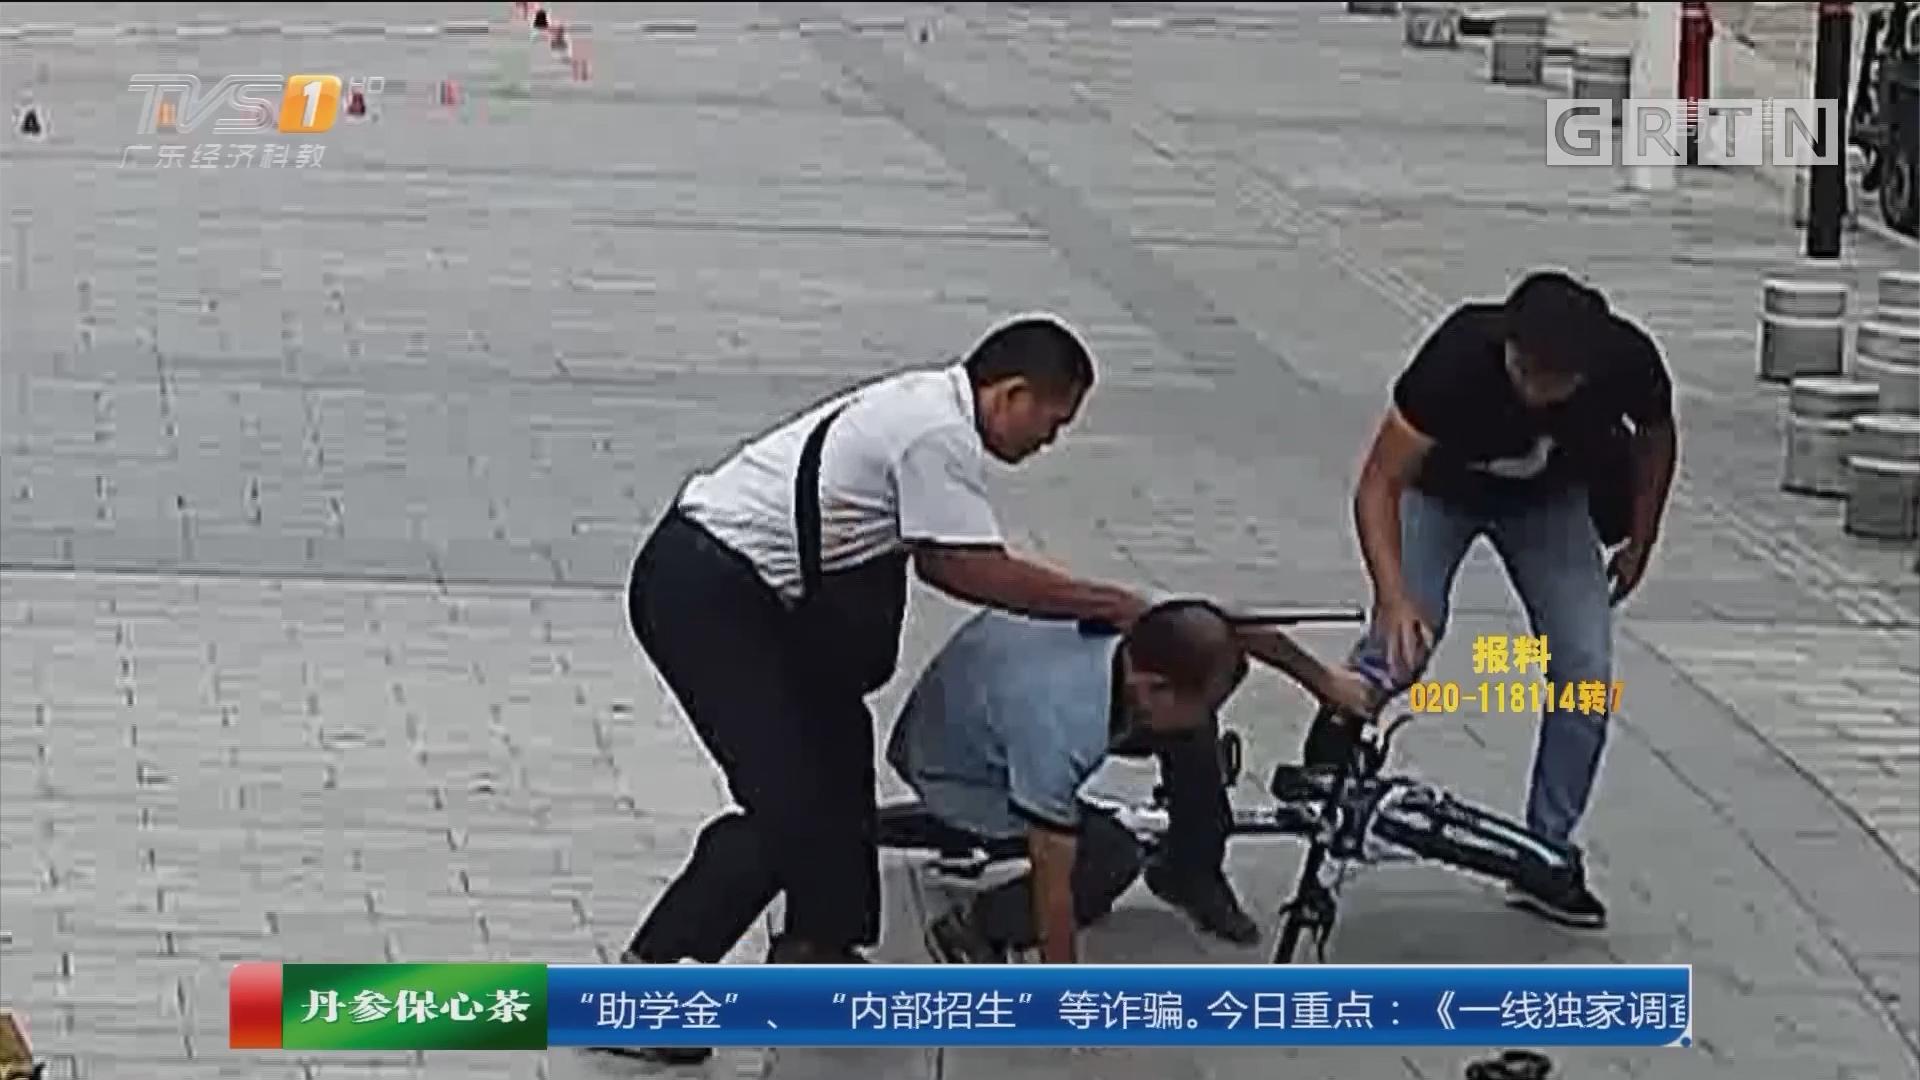 """东莞石龙镇:便衣神速擒惯偷 """"怎么又是你!"""""""